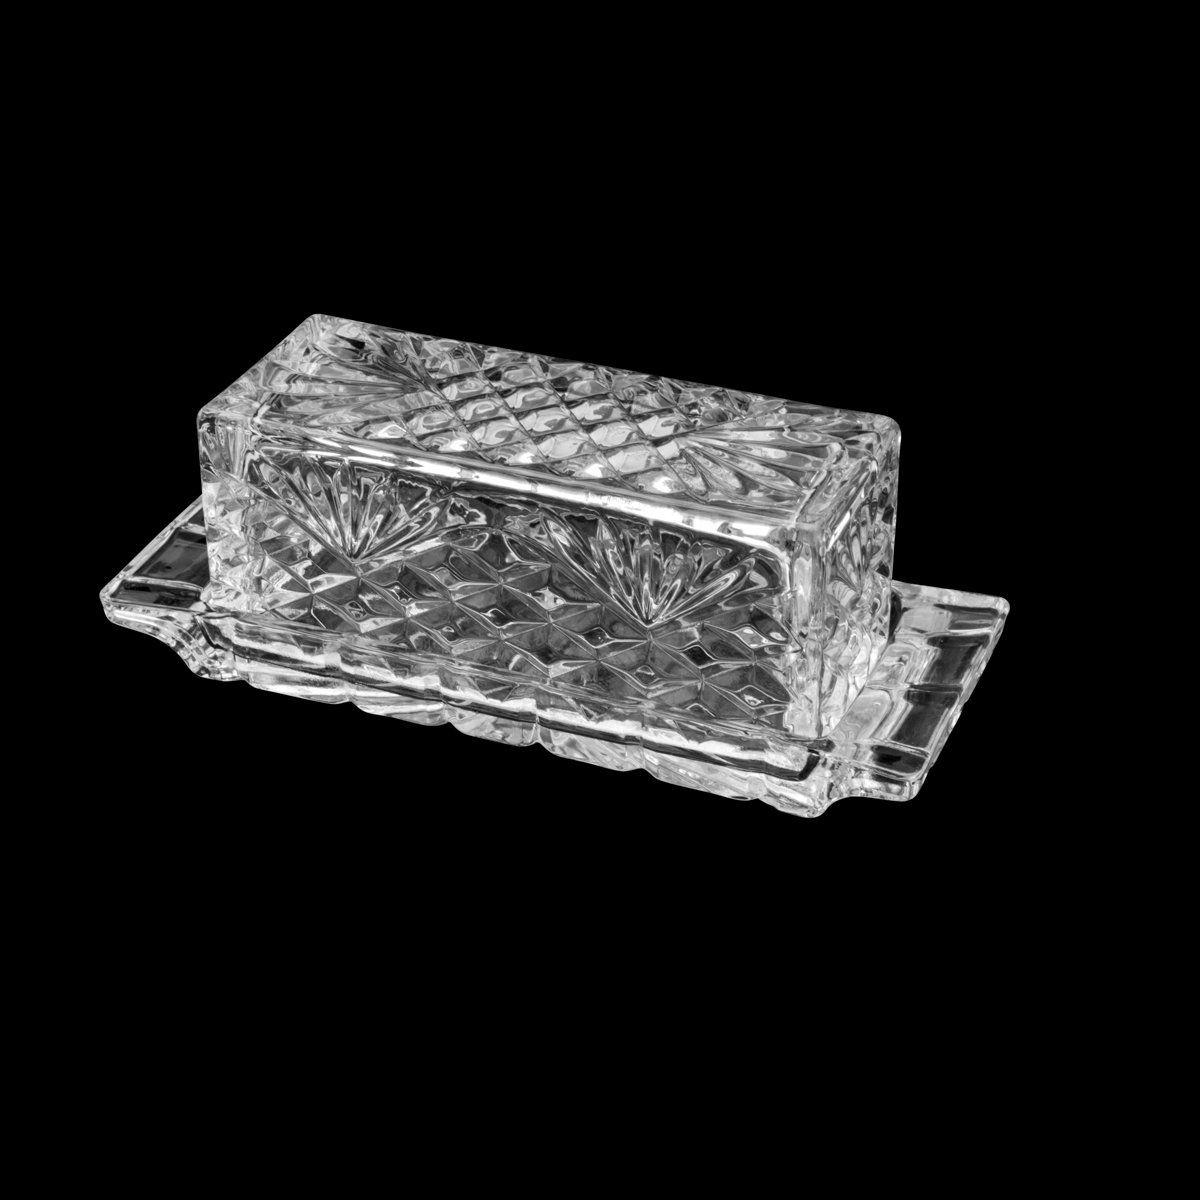 Manteigueira 21 cm de cristal transparente com tampa Dublin Lyor- L67024